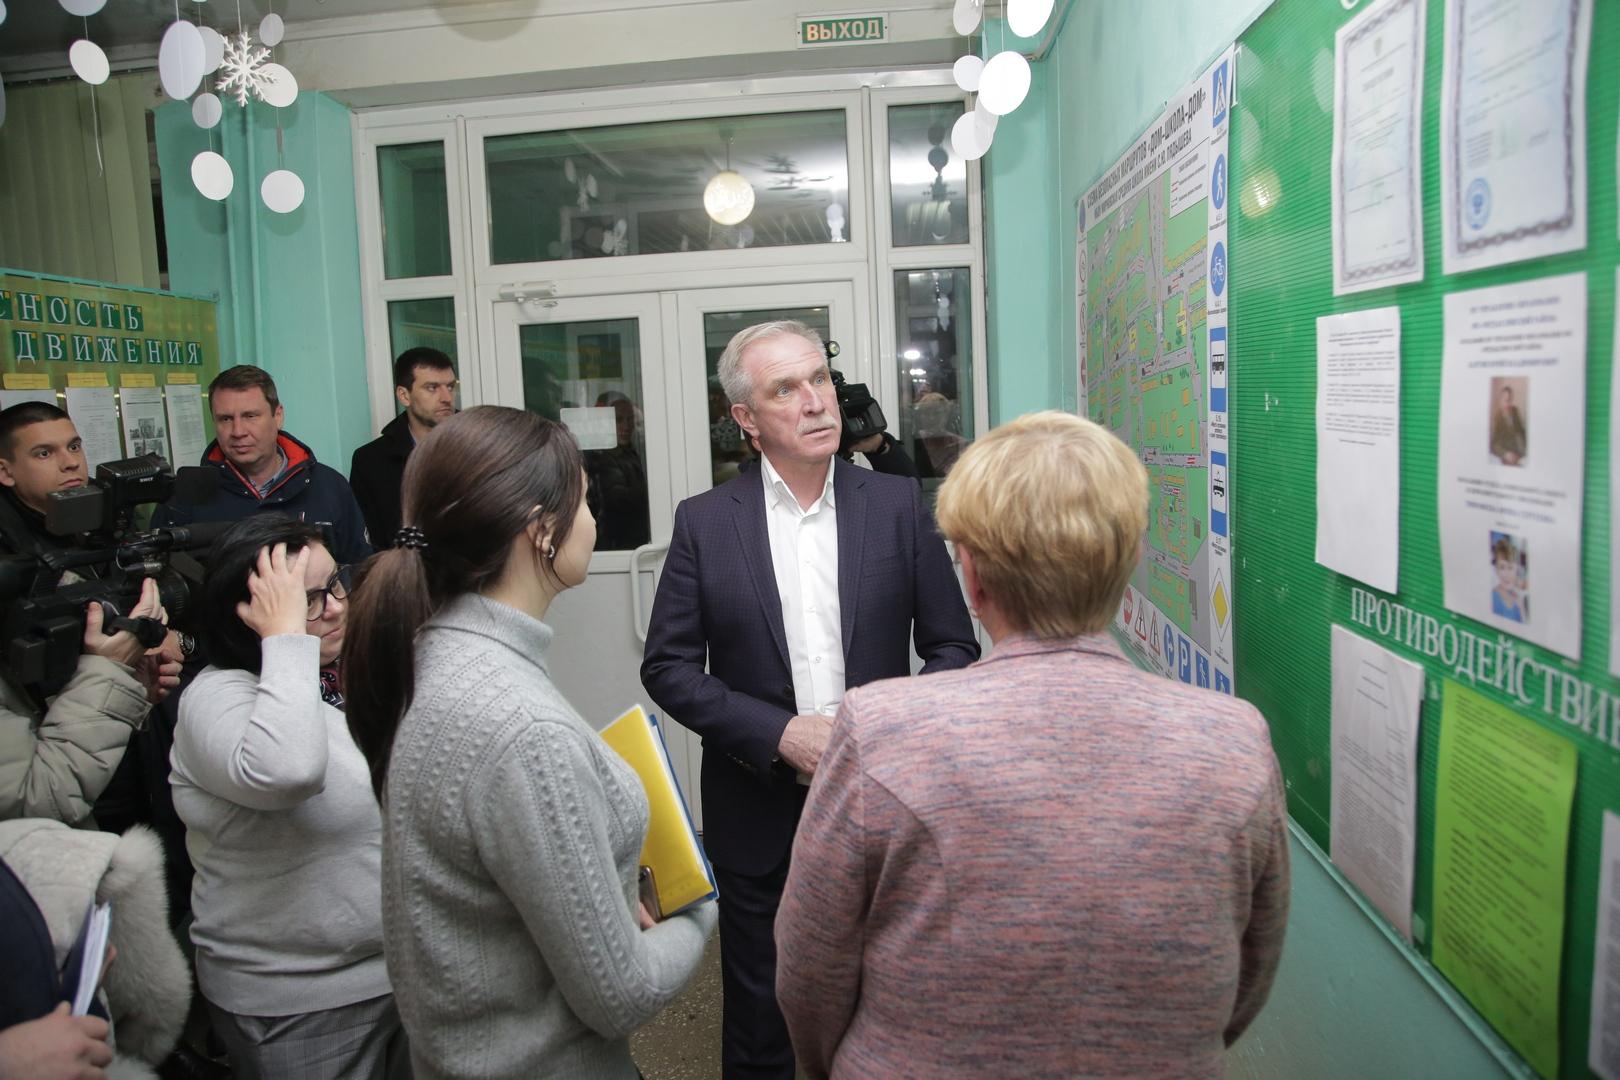 Обновление зданий образовательных учреждений проходит в Ульяновской области